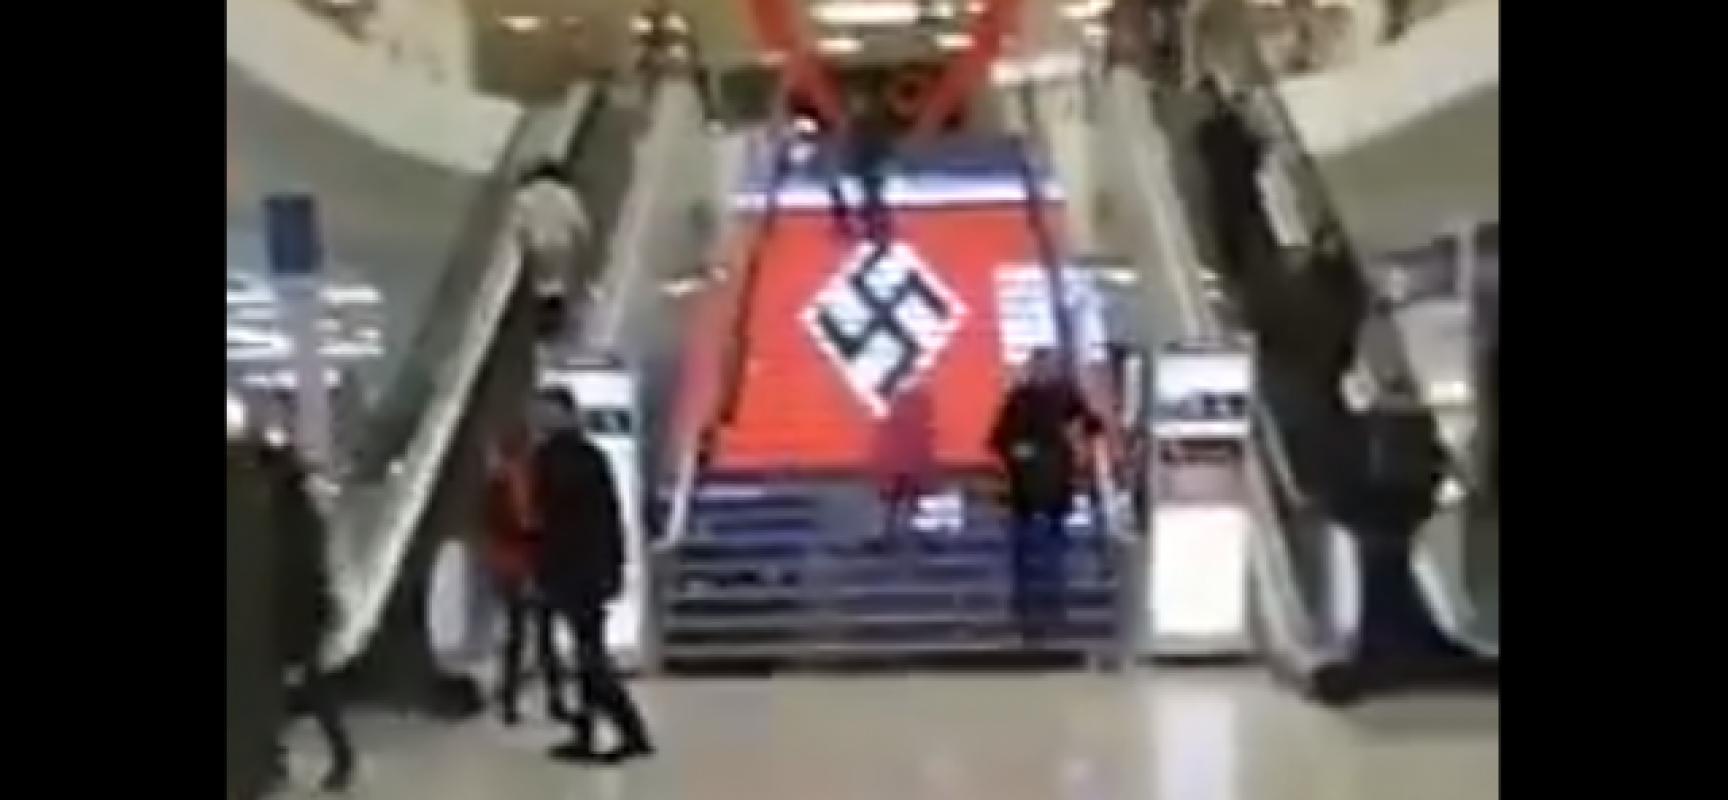 Fake : svastica sulle scalinate di un supermarket in onore di una manifestazione neonazista